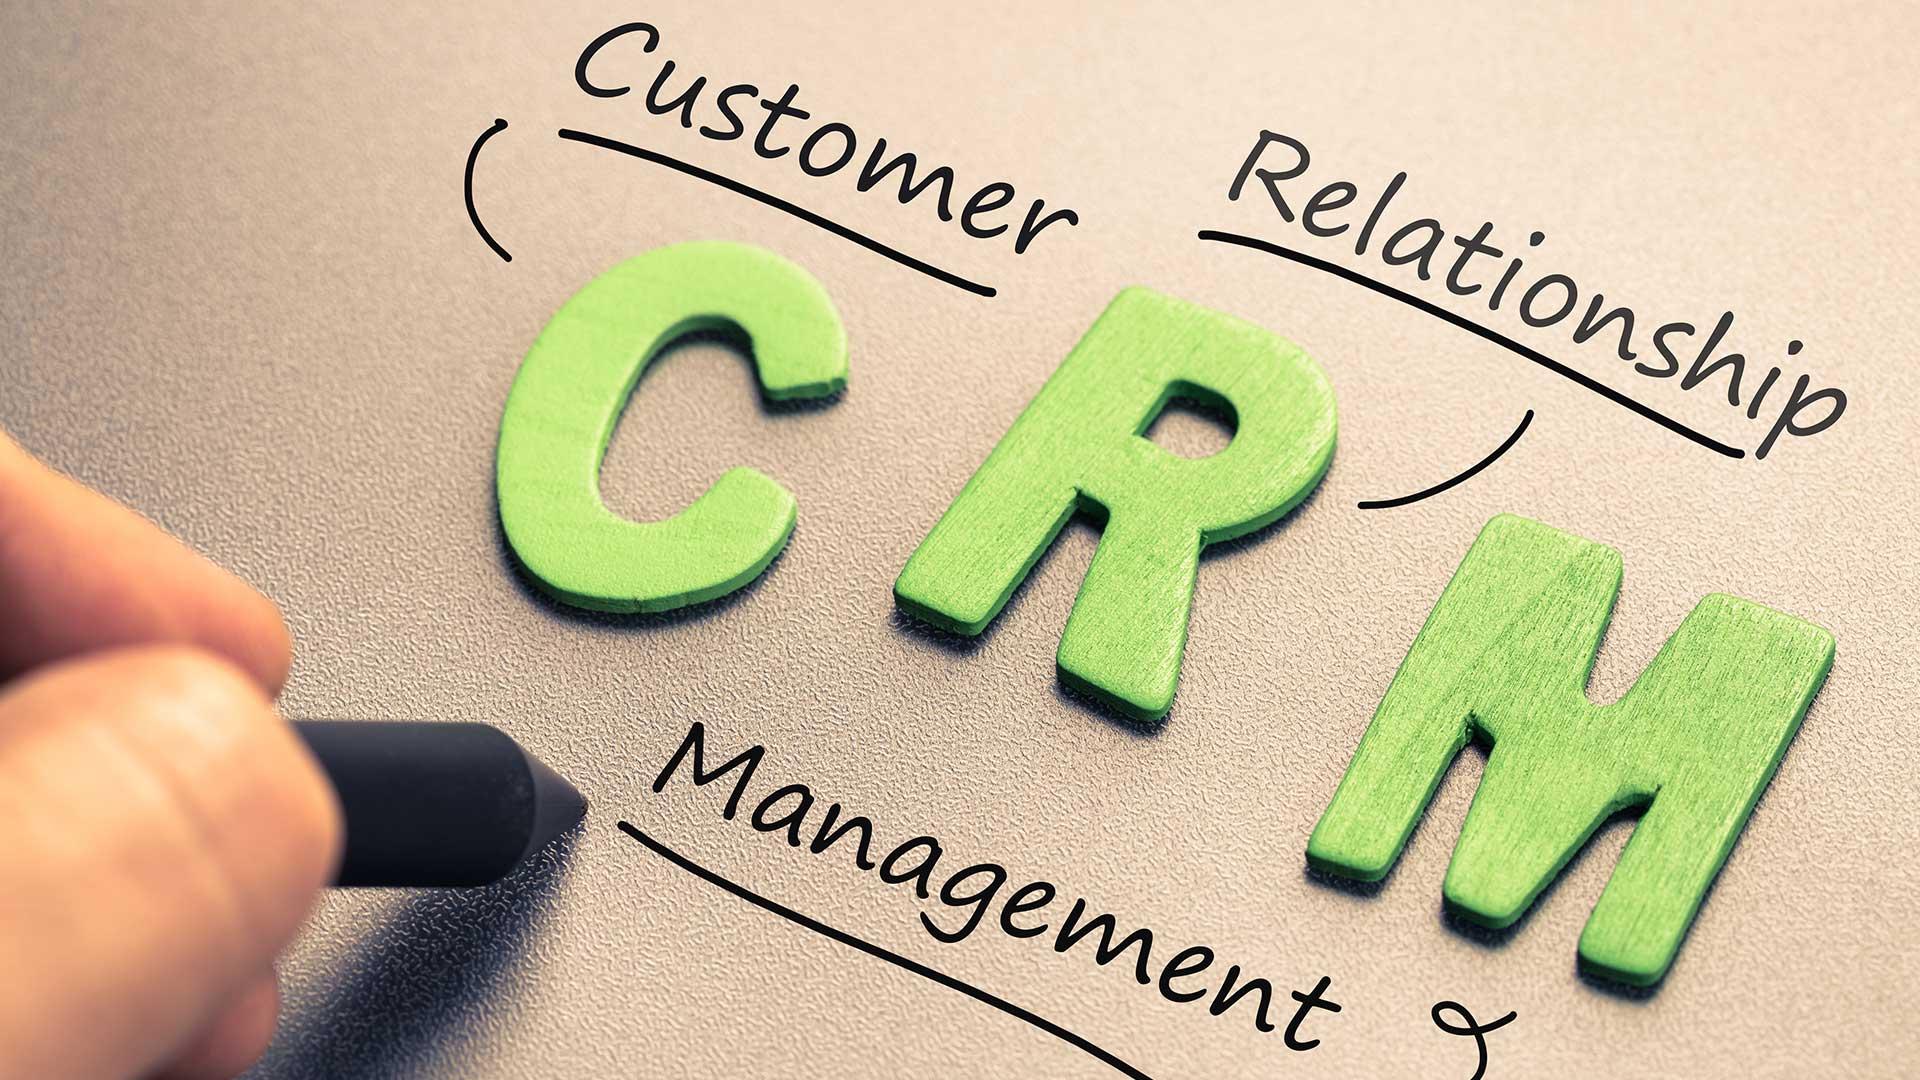 Gestione Rete Vendita: Come usare un CRM per gestirla al meglio